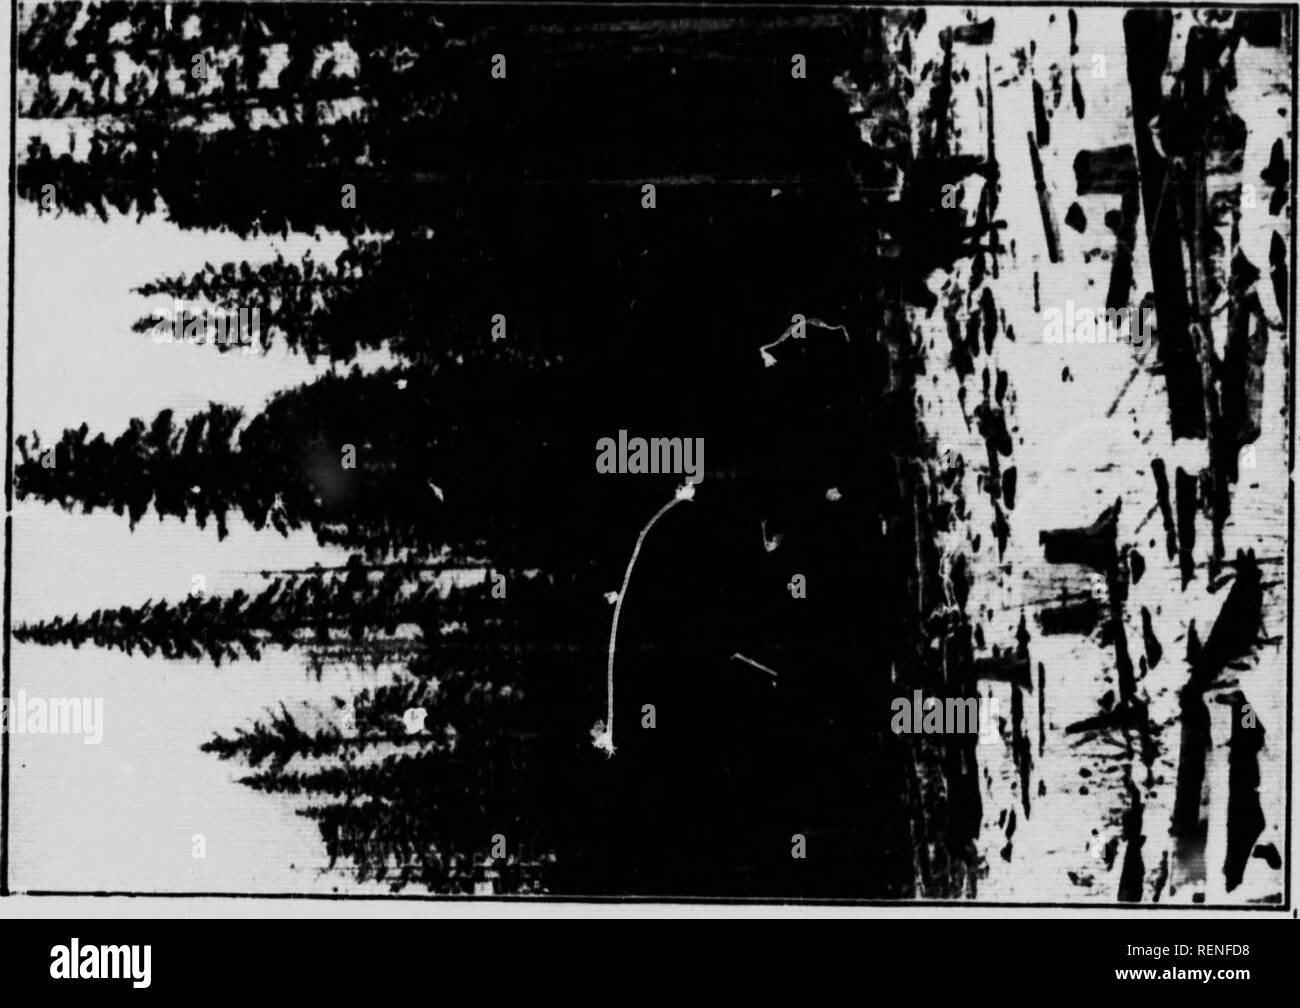 . L'état des forêts dans le nid de pie Valley (Alberta) [microforme]. Les forêts et la foresterie; ressources naturelles; Forêts; Ressources naturelles. eepneH • prcservation. pieds, ne a1 salon enfin être itill rees ensoleillée de vallées, de rupture de la ie enfarinée le , ont des r ont d, l:h sont. 18- ent de l'ONU est l'herbe rhalf umed ed à ont été:ween Picea imall ce je j'•n. Veuillez noter que ces images sont extraites de la page numérisée des images qui peuvent avoir été retouchées numériquement pour plus de lisibilité - coloration et l'aspect de ces illustrations ne peut pas parfaitement ressembler à l'œuvre originale.. MacMillan, H. R. (Harvey Banque D'Images